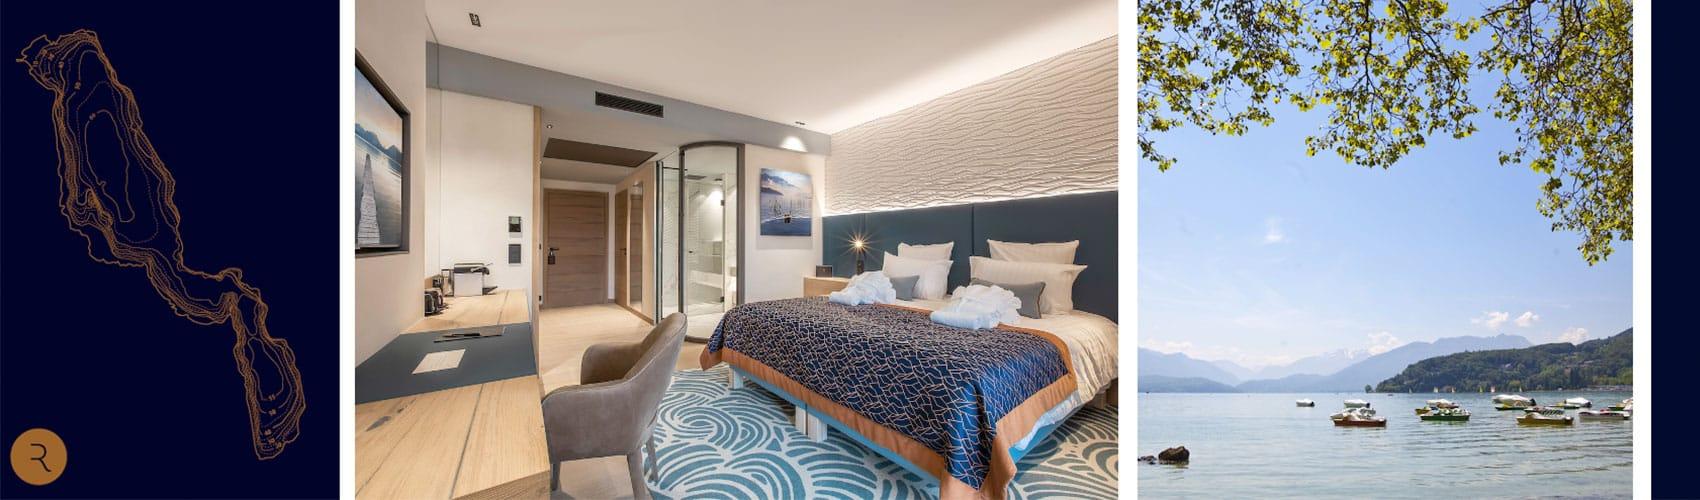 Rivage, le nouvel hôtel avec spa d'Annecy ouvre cet été !